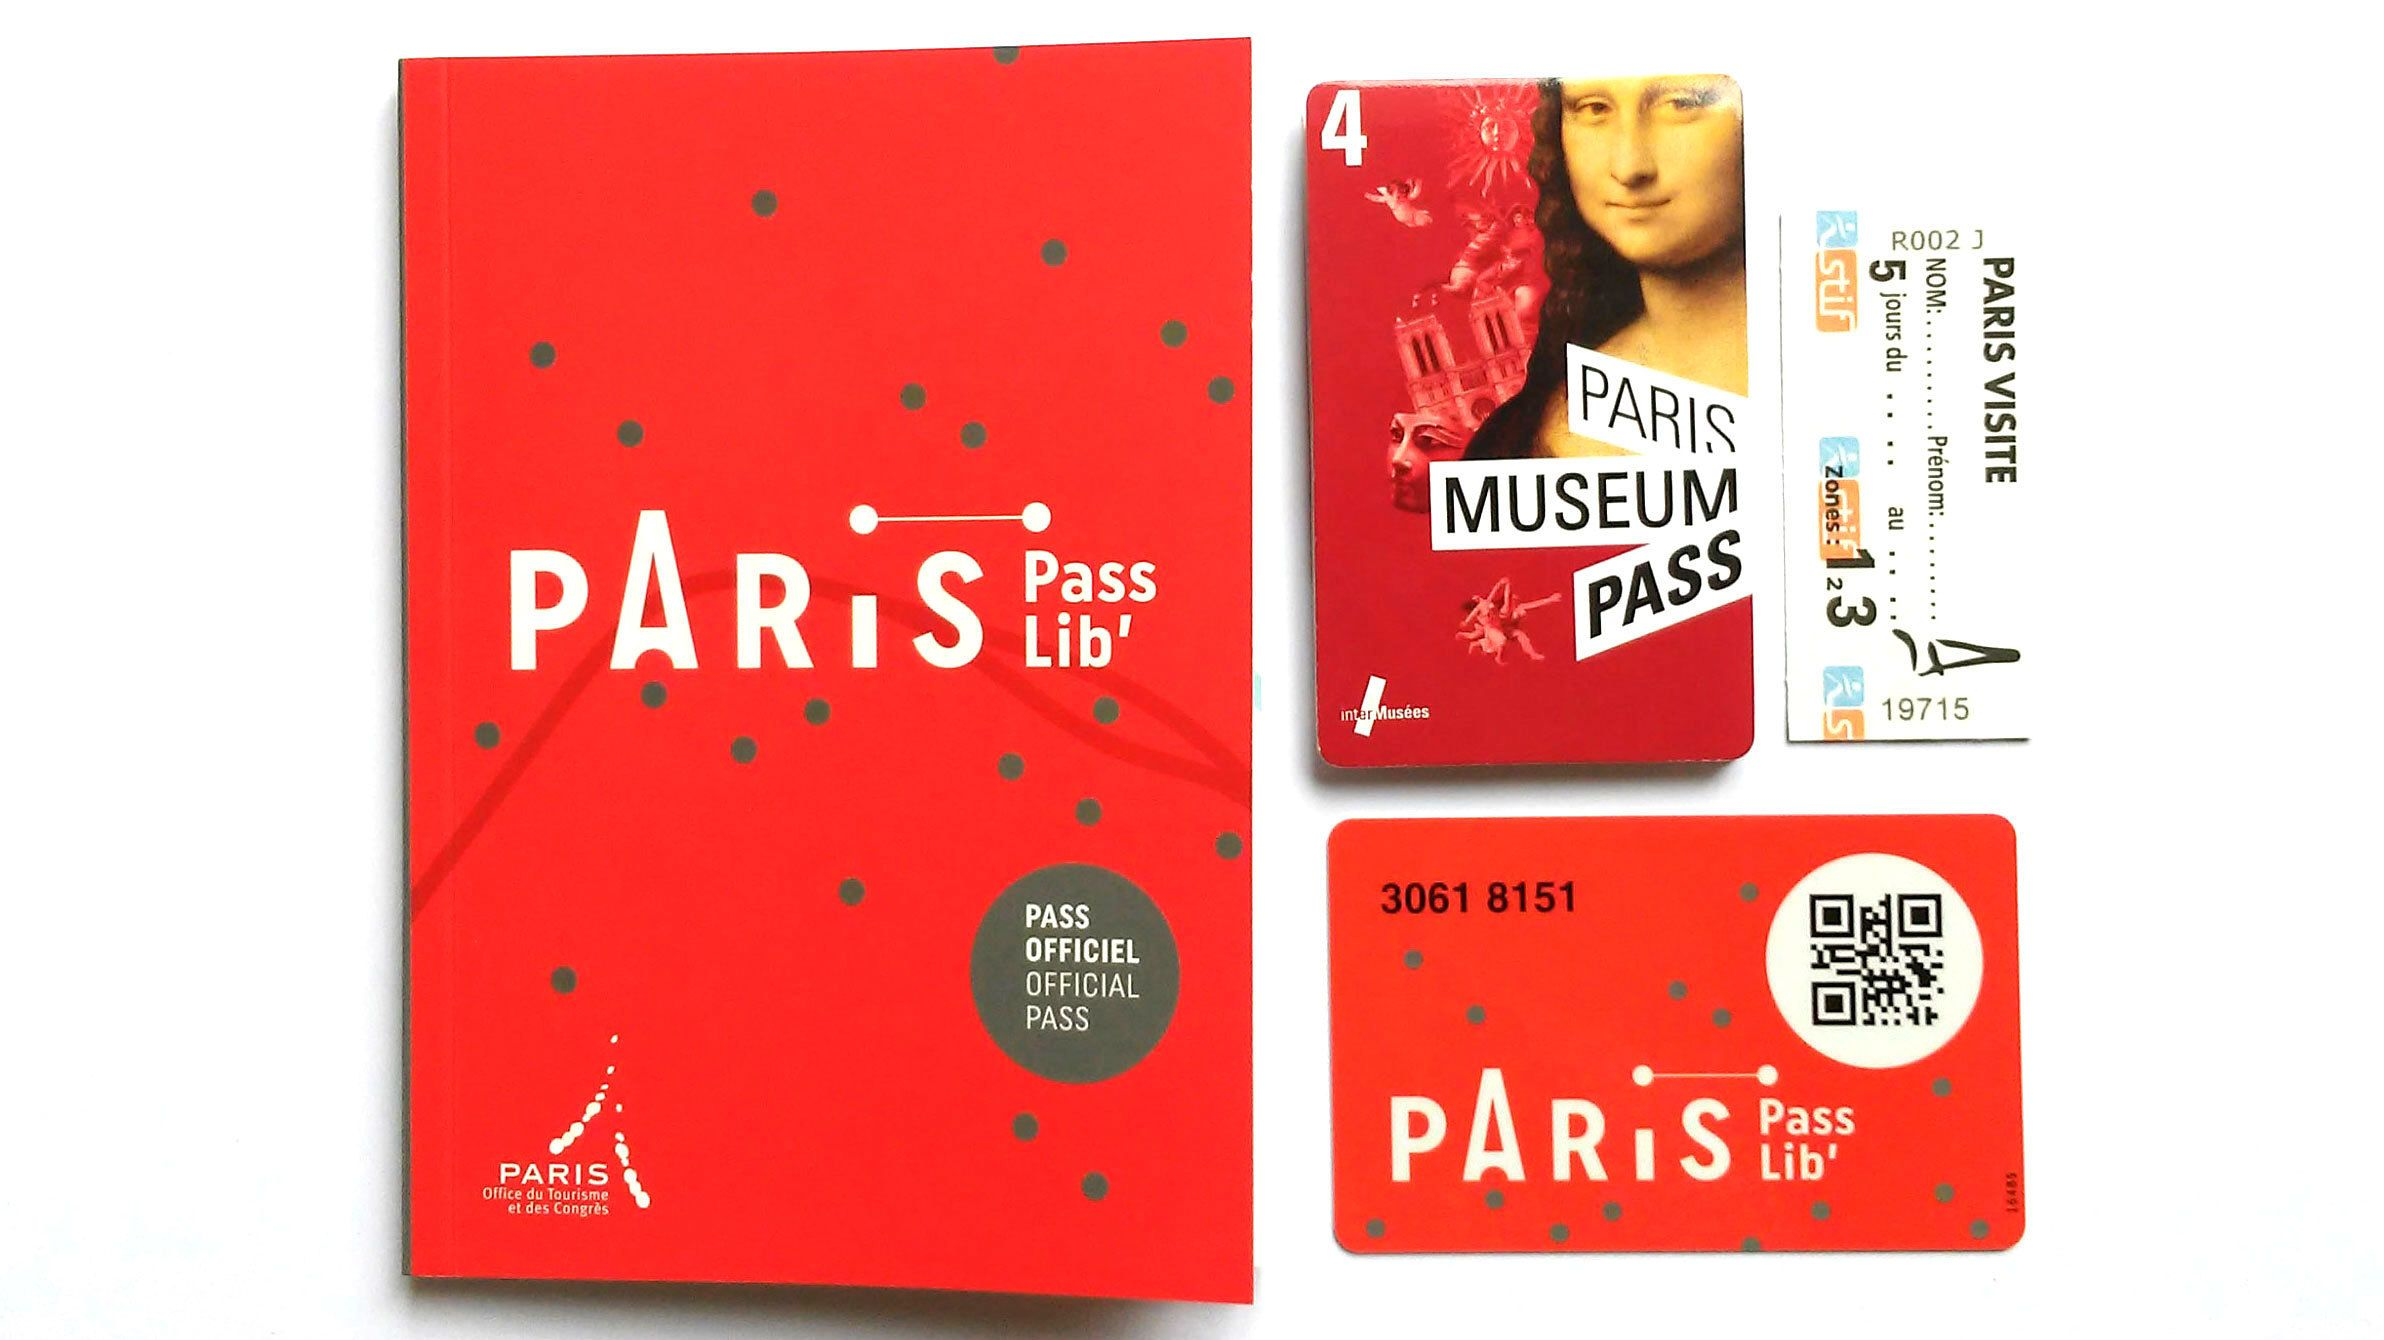 Paris Passlib' – museikort, kollektivtrafikkort, flodkryssning och busstur